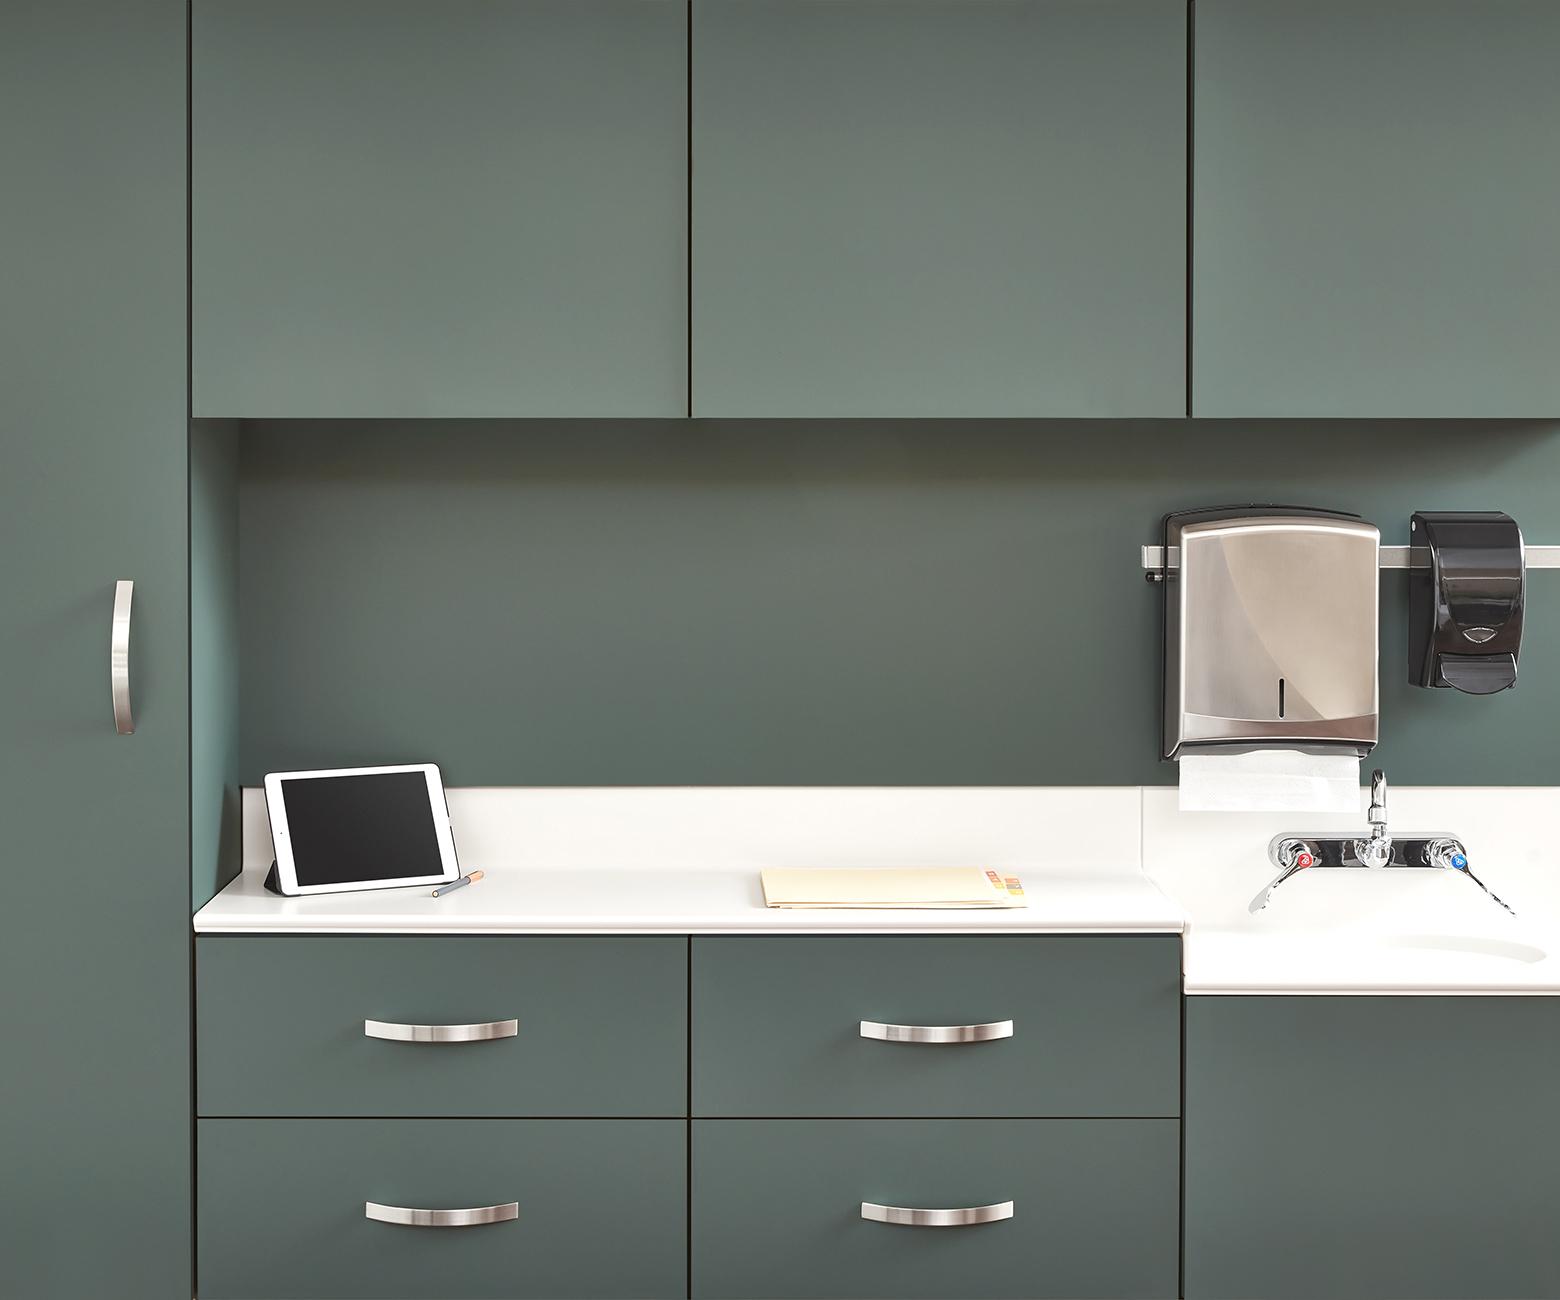 healtcare cabinetry